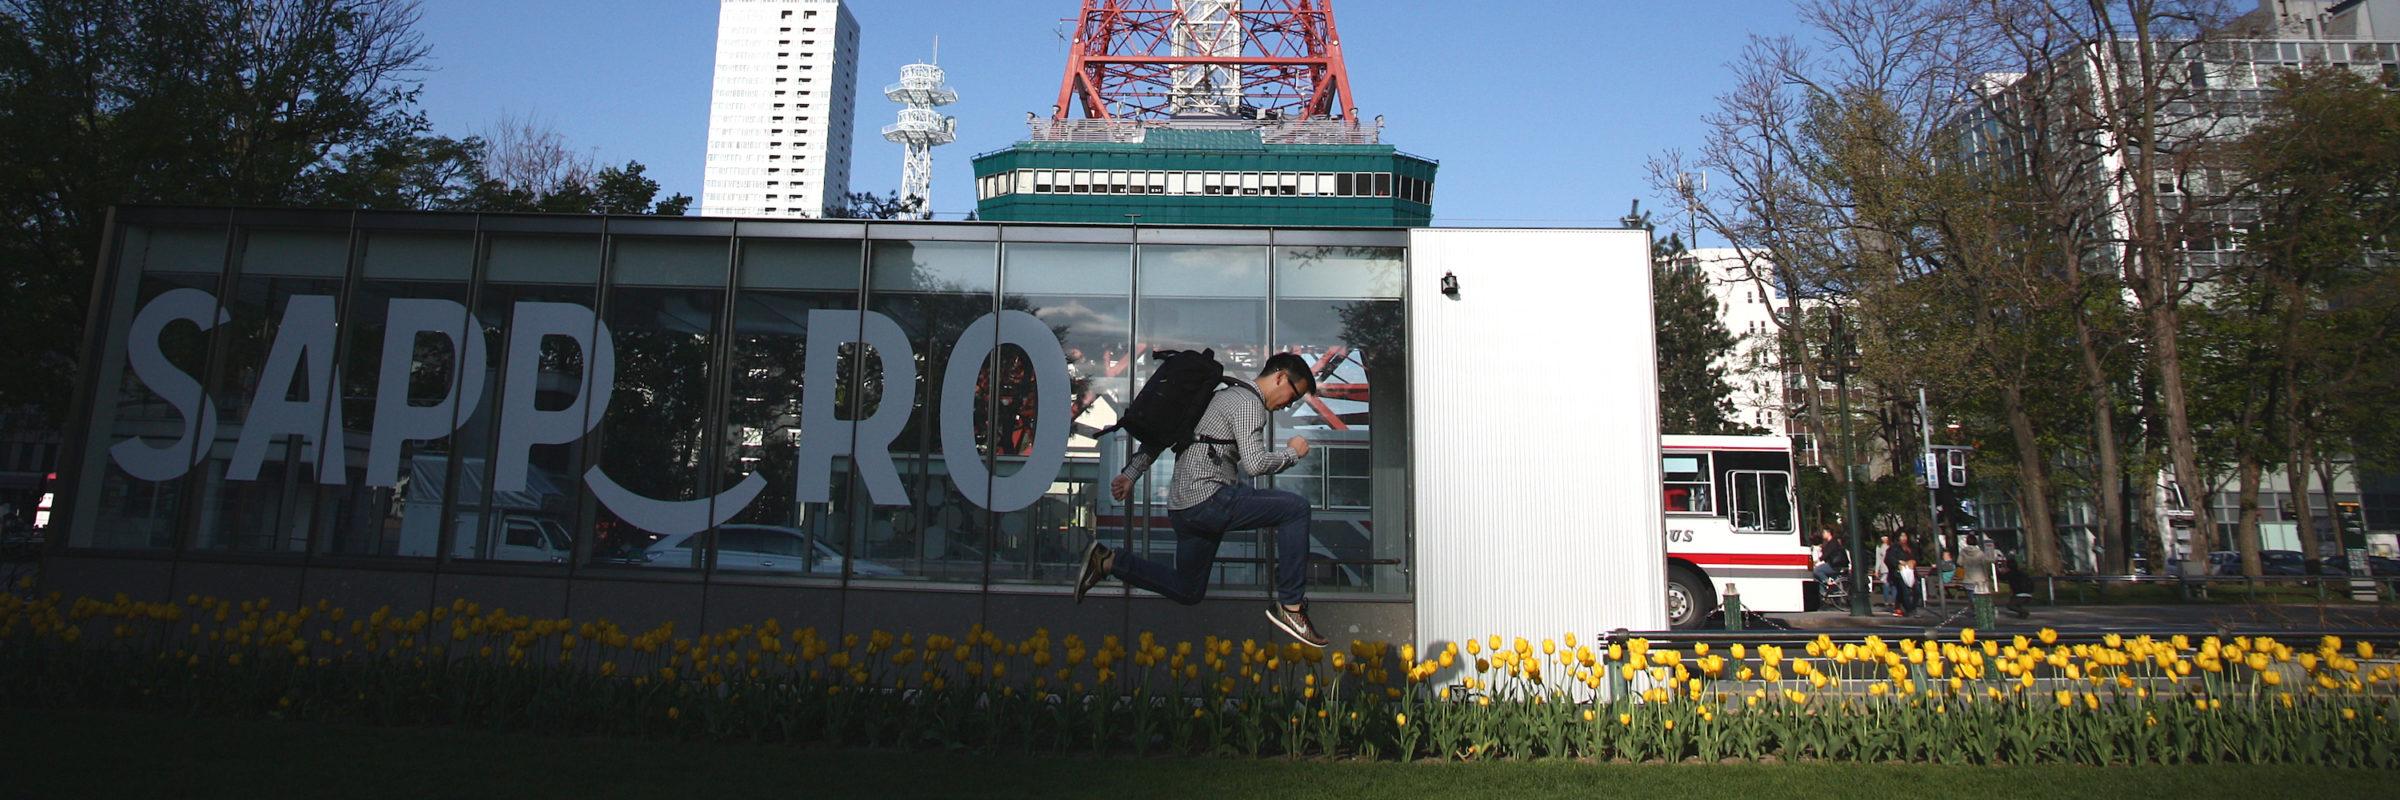 Hokkaido Road Trip Itinerary, Day 4: Sapporo